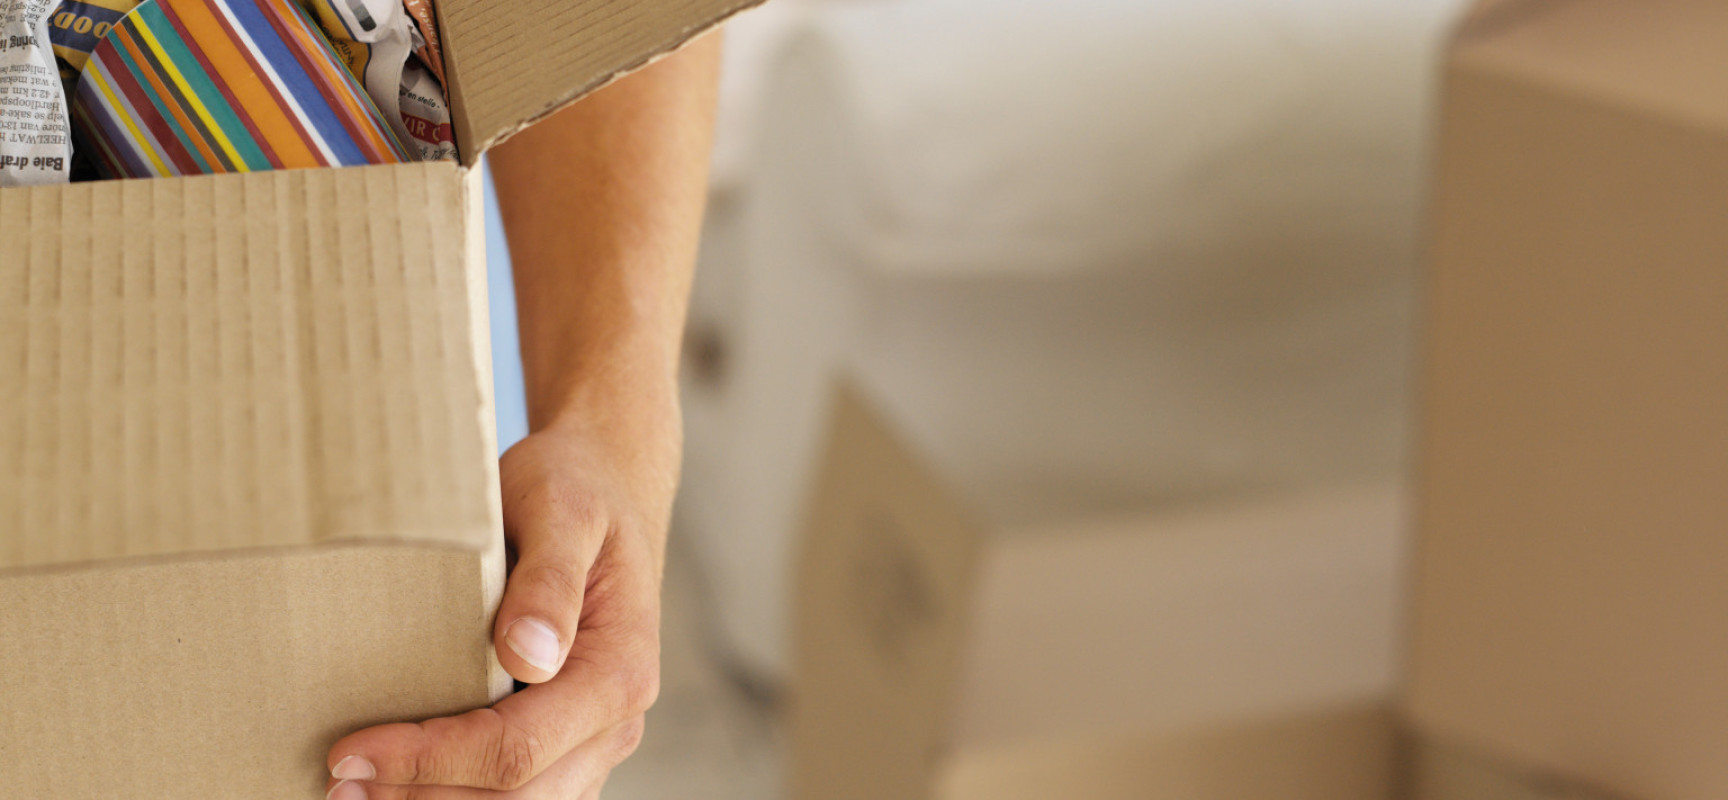 Как осуществляется увольнение в связи с переездом